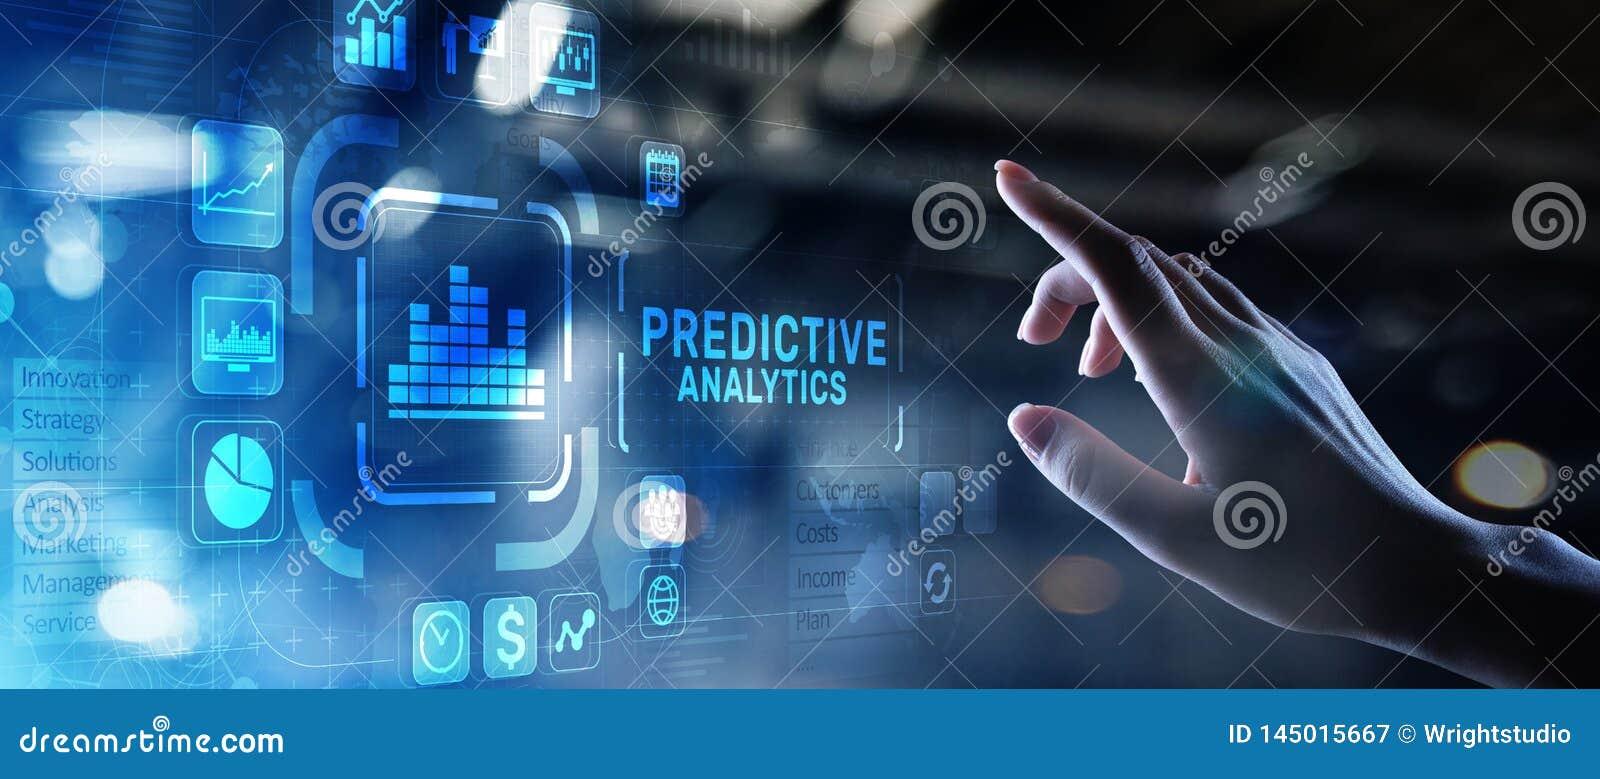 Predictive internet f?r intelligens f?r aff?r f?r analyticsBig Data analys och modernt teknologibegrepp p? den faktiska sk?rmen